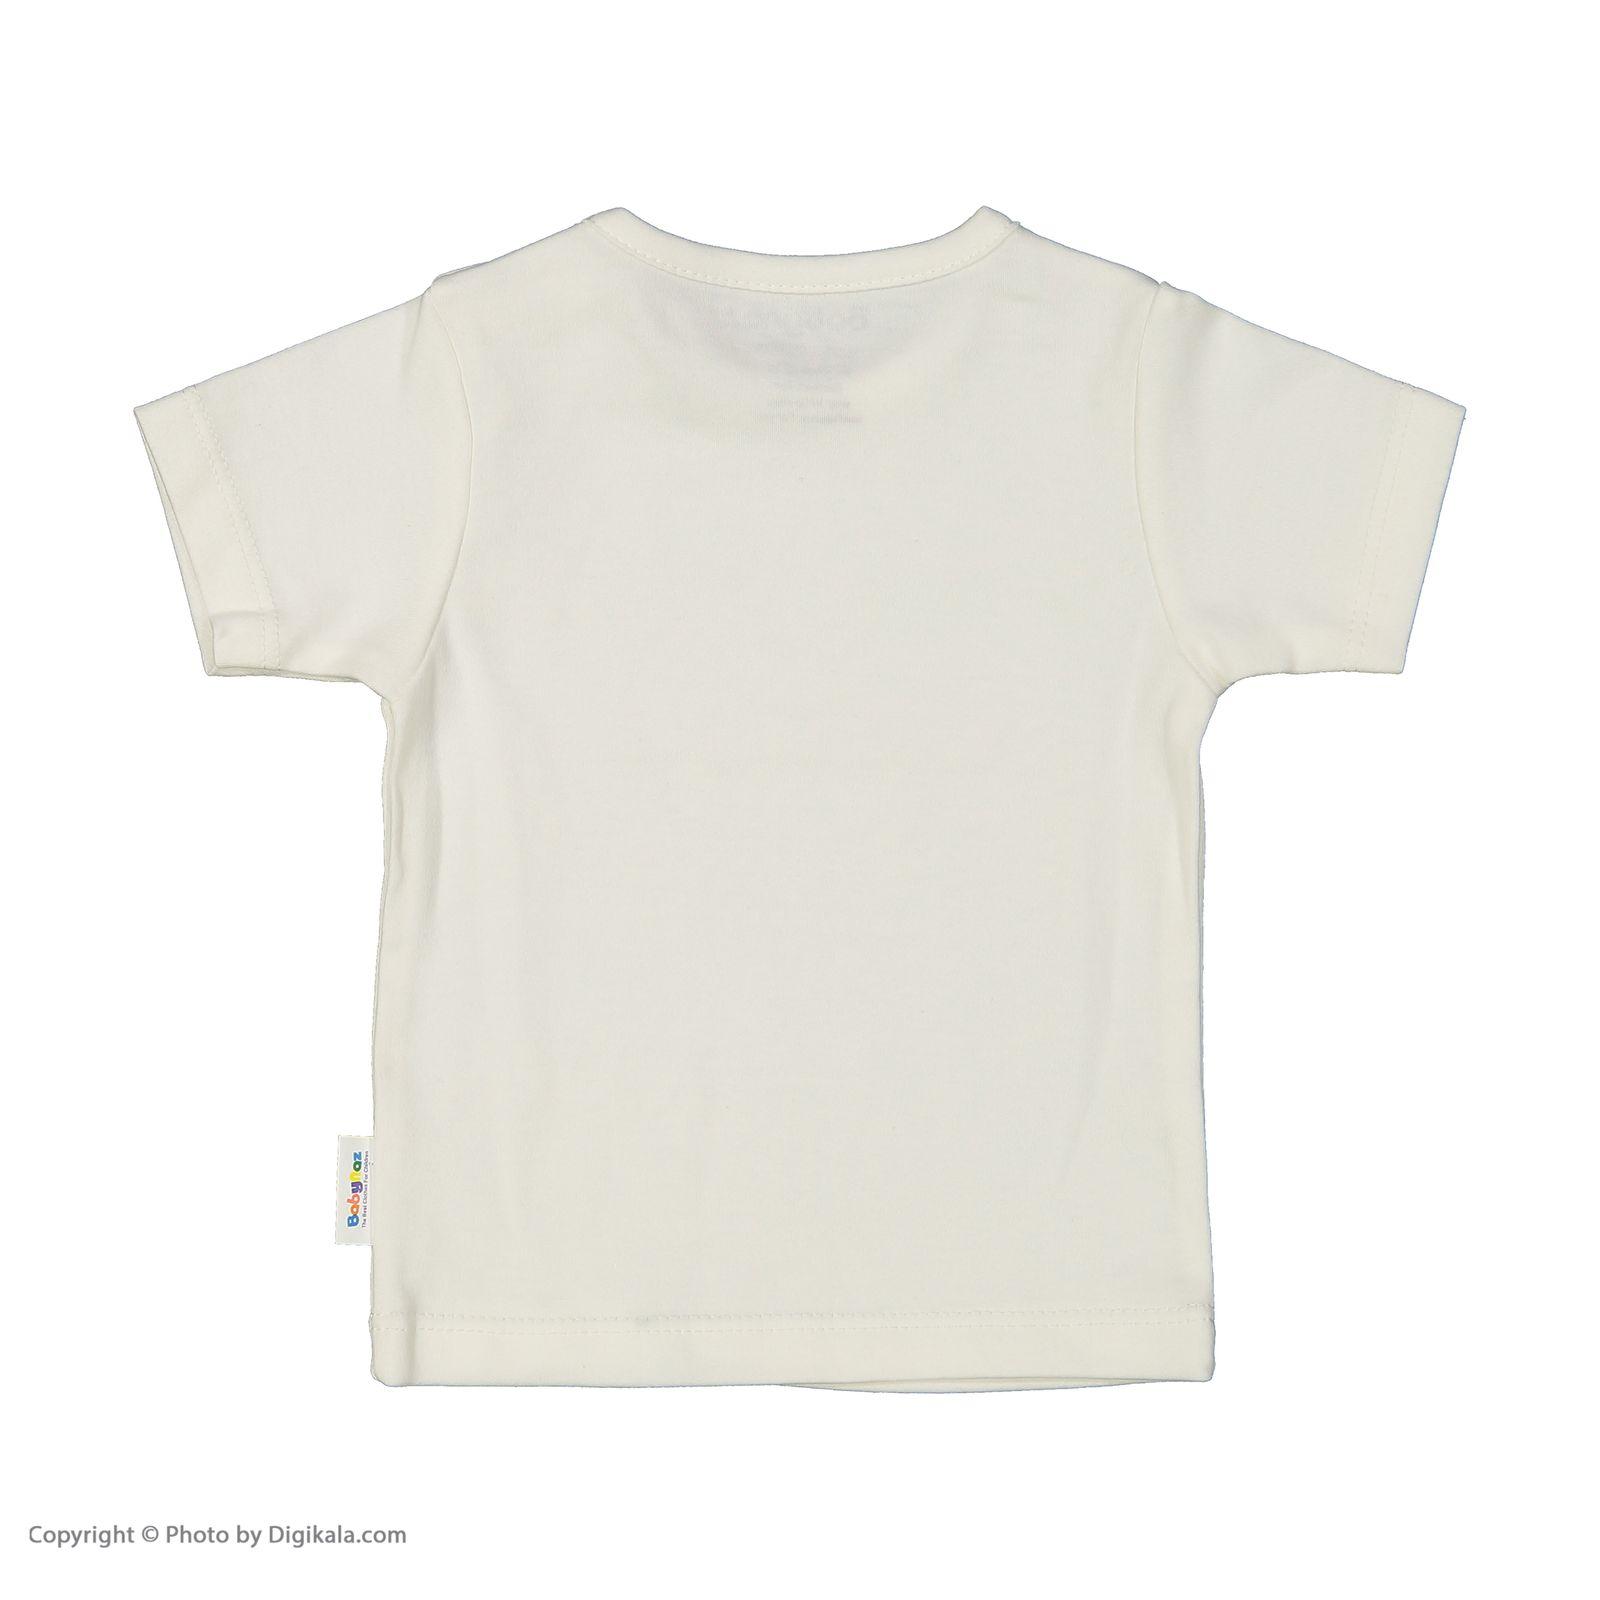 ست سرهمی و تی شرت نوزادی بی بی ناز مدل 1501492-0193 - سفید طوسی - 6